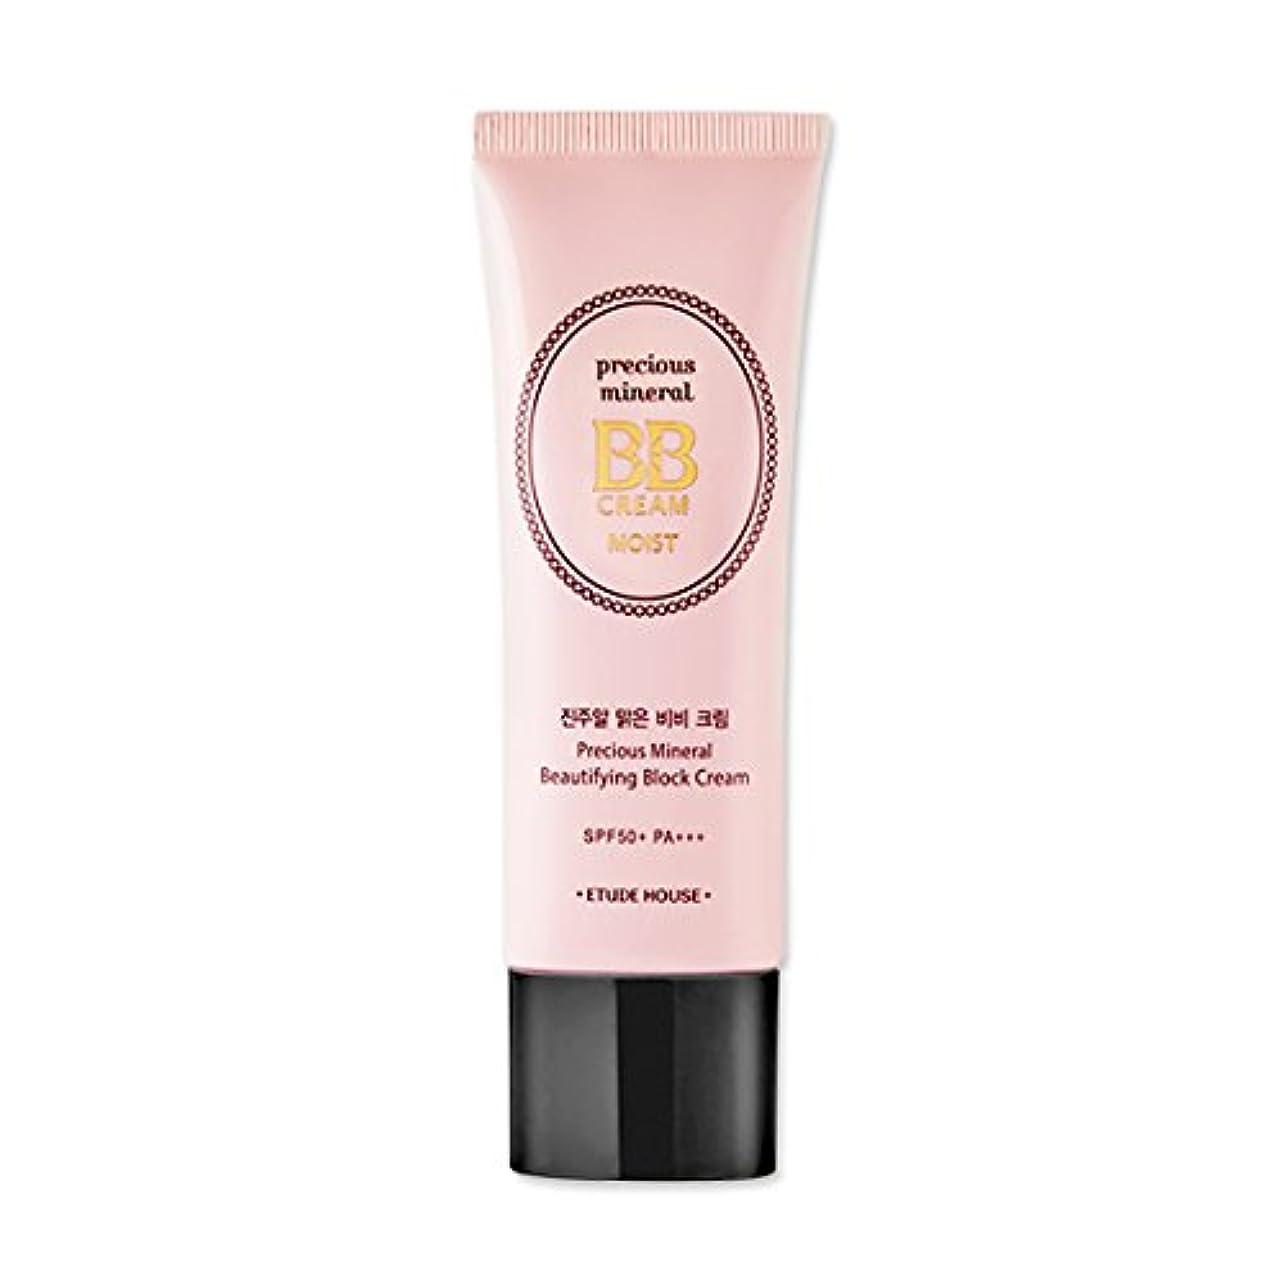 ウィンク風が強いコメンテーター[New] ETUDE HOUSE Precious Mineral BB Cream * Moist * 45g/エチュードハウス プレシャス ミネラル BBクリーム * モイスト * 45g (#Sand) [並行輸入品]